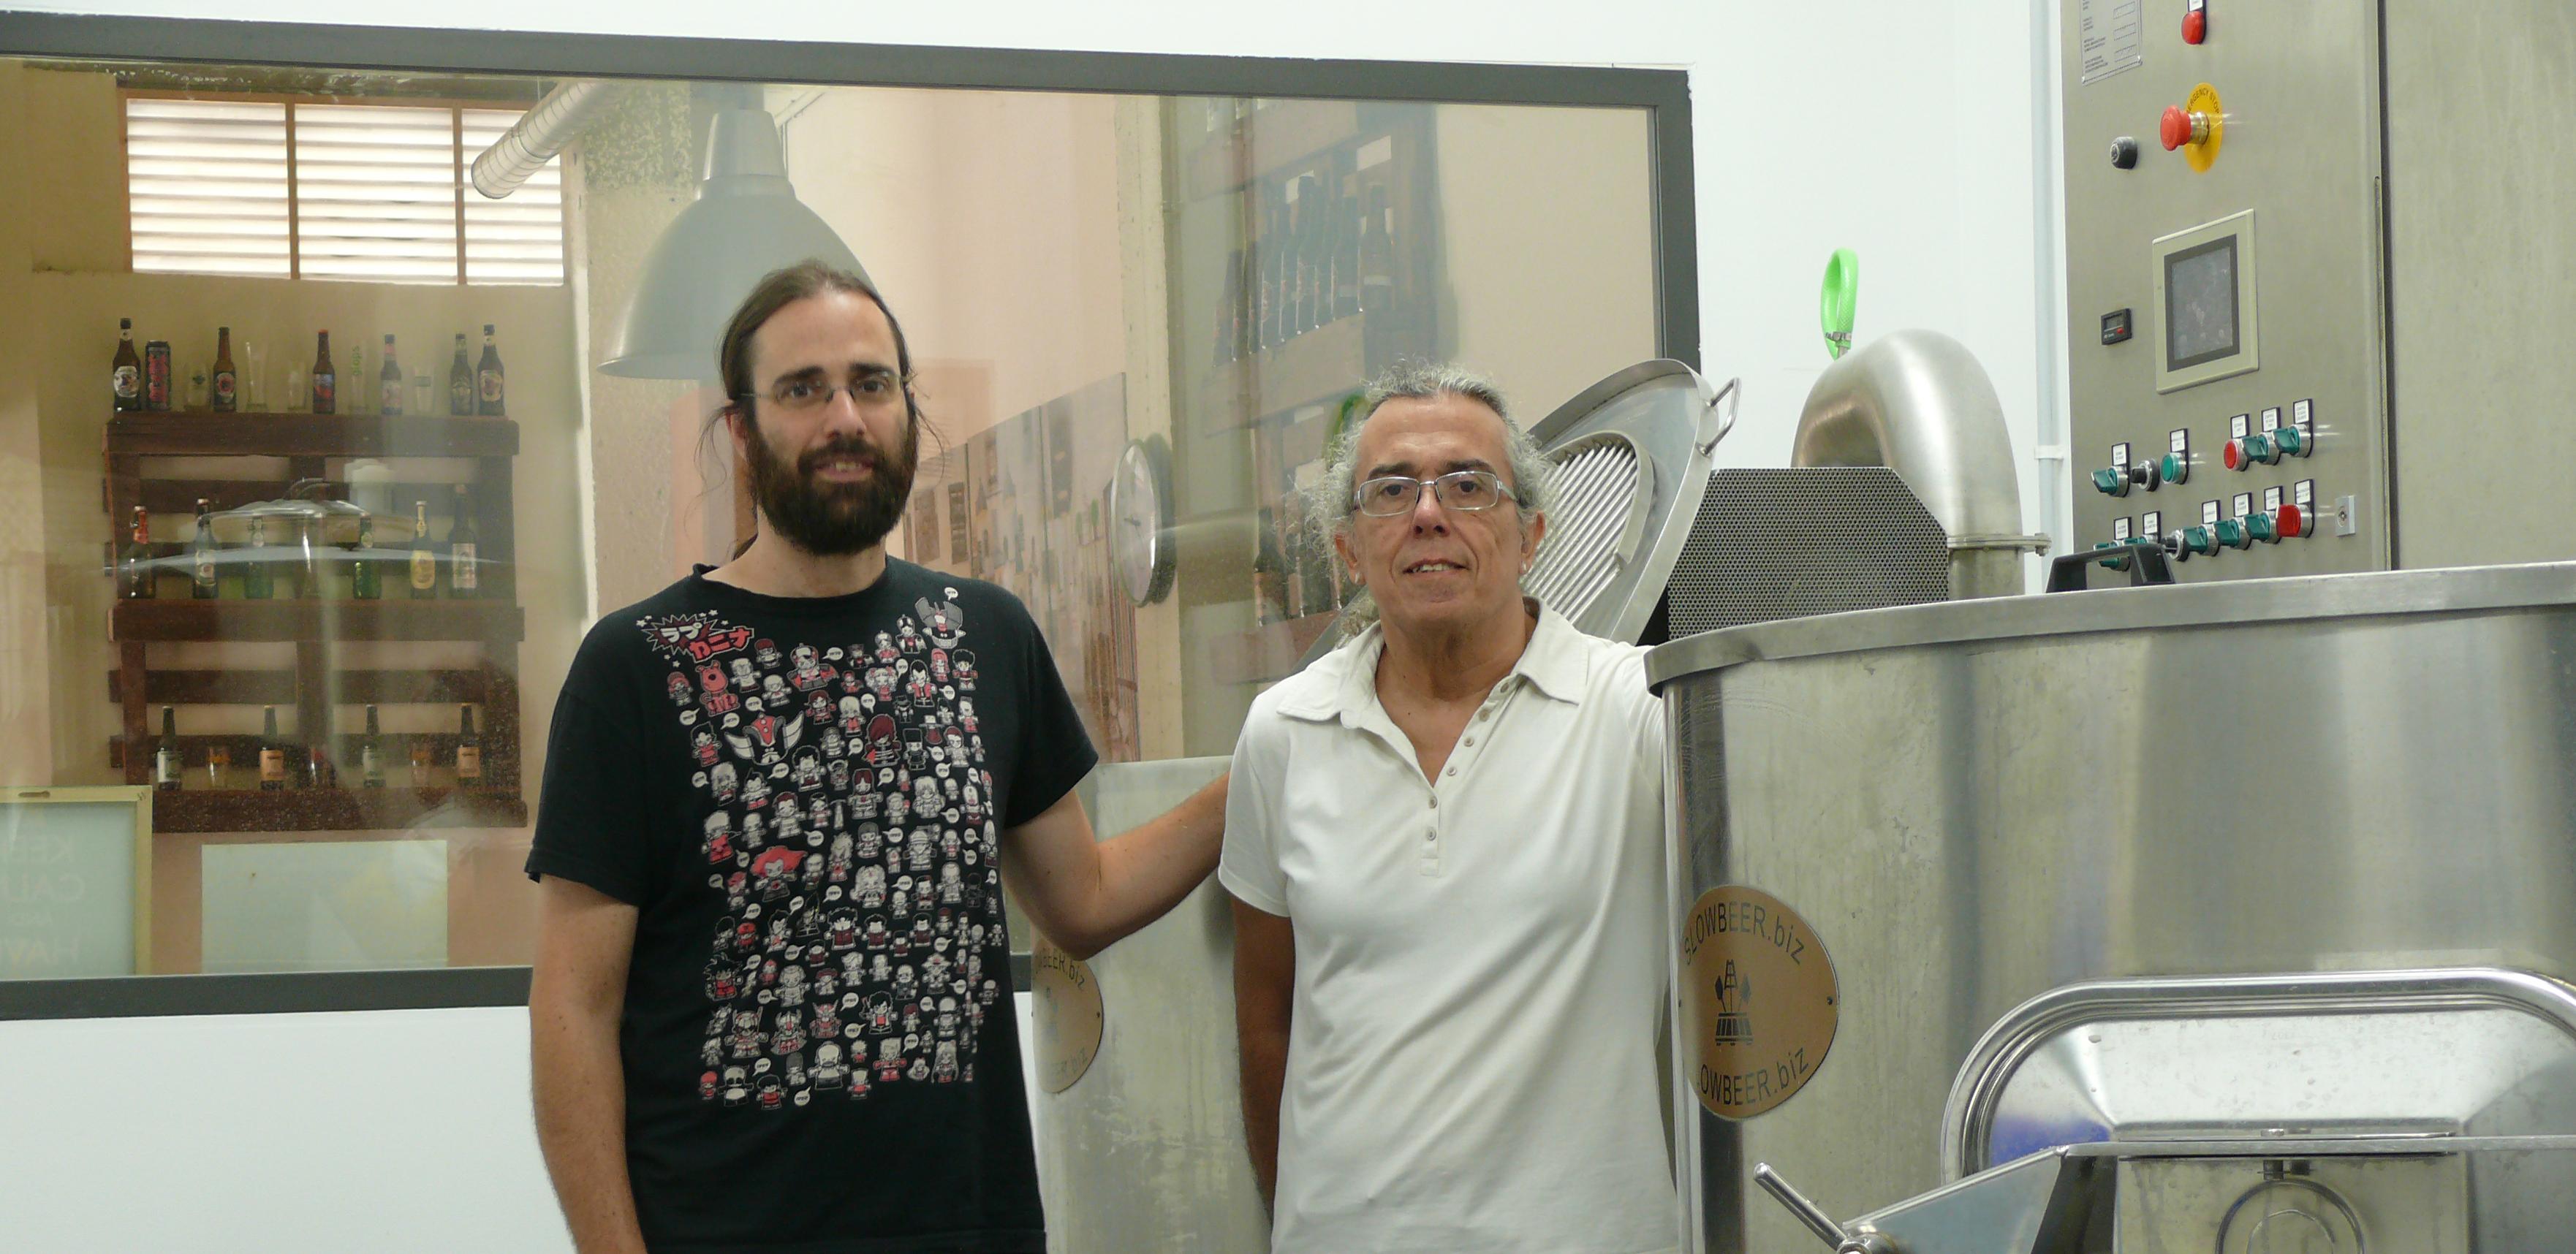 Amb en Francesc de Cerveses CESC al nostre obrador, La Cervesera del Poblenou, la primera cervesera ecològica de Barcelona ciutat